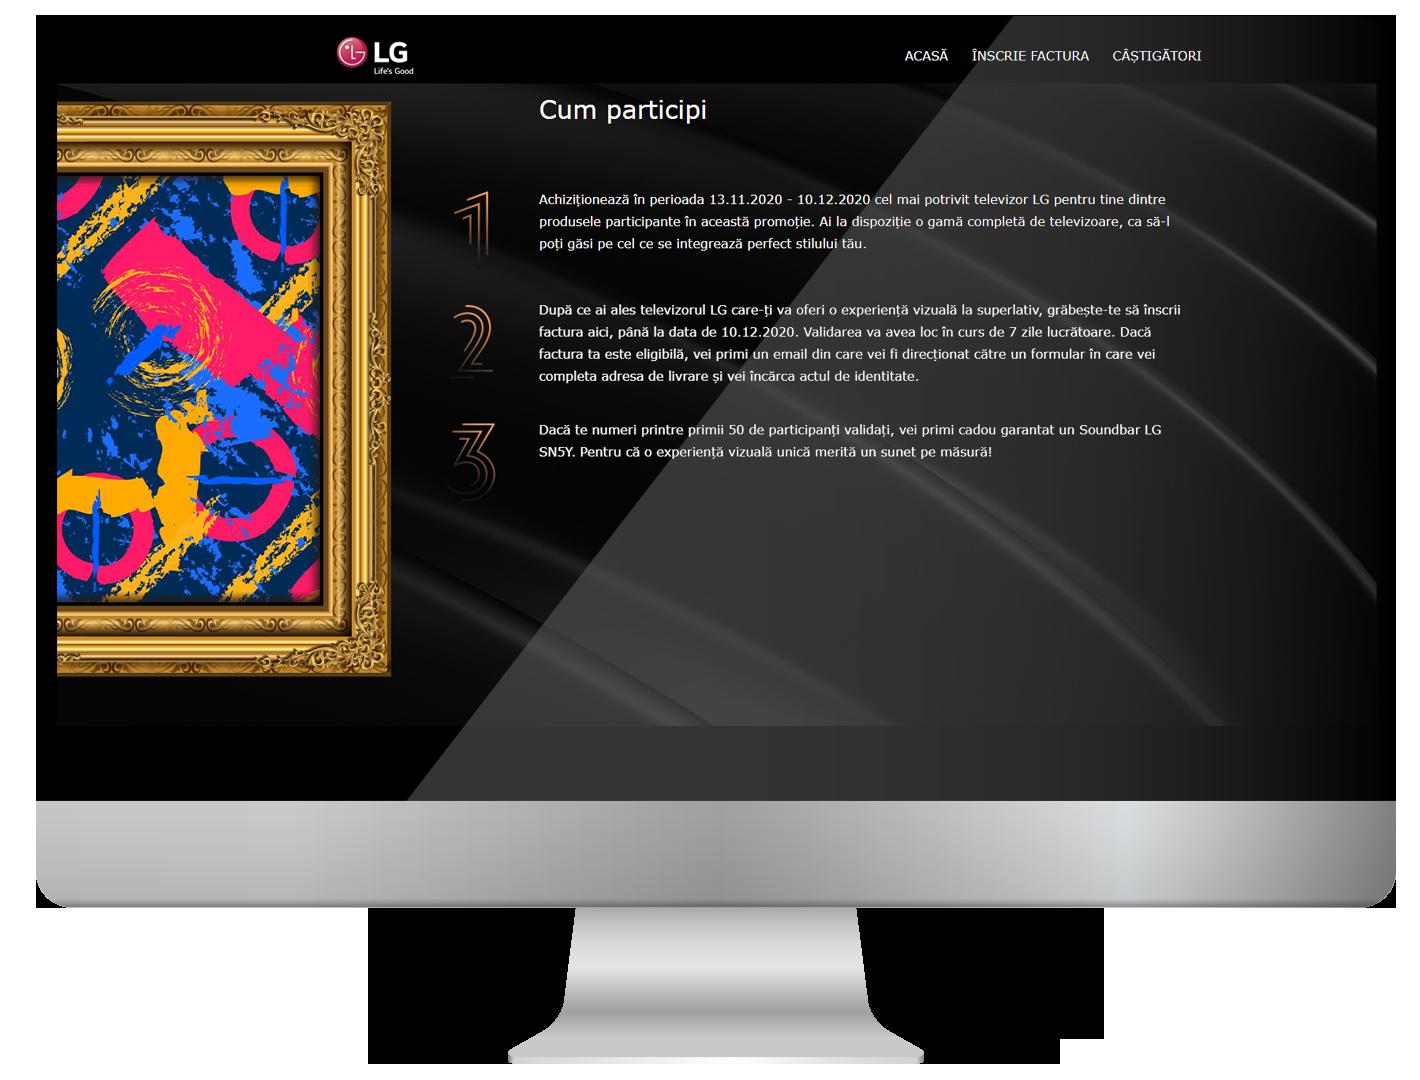 Premium images for premium customers